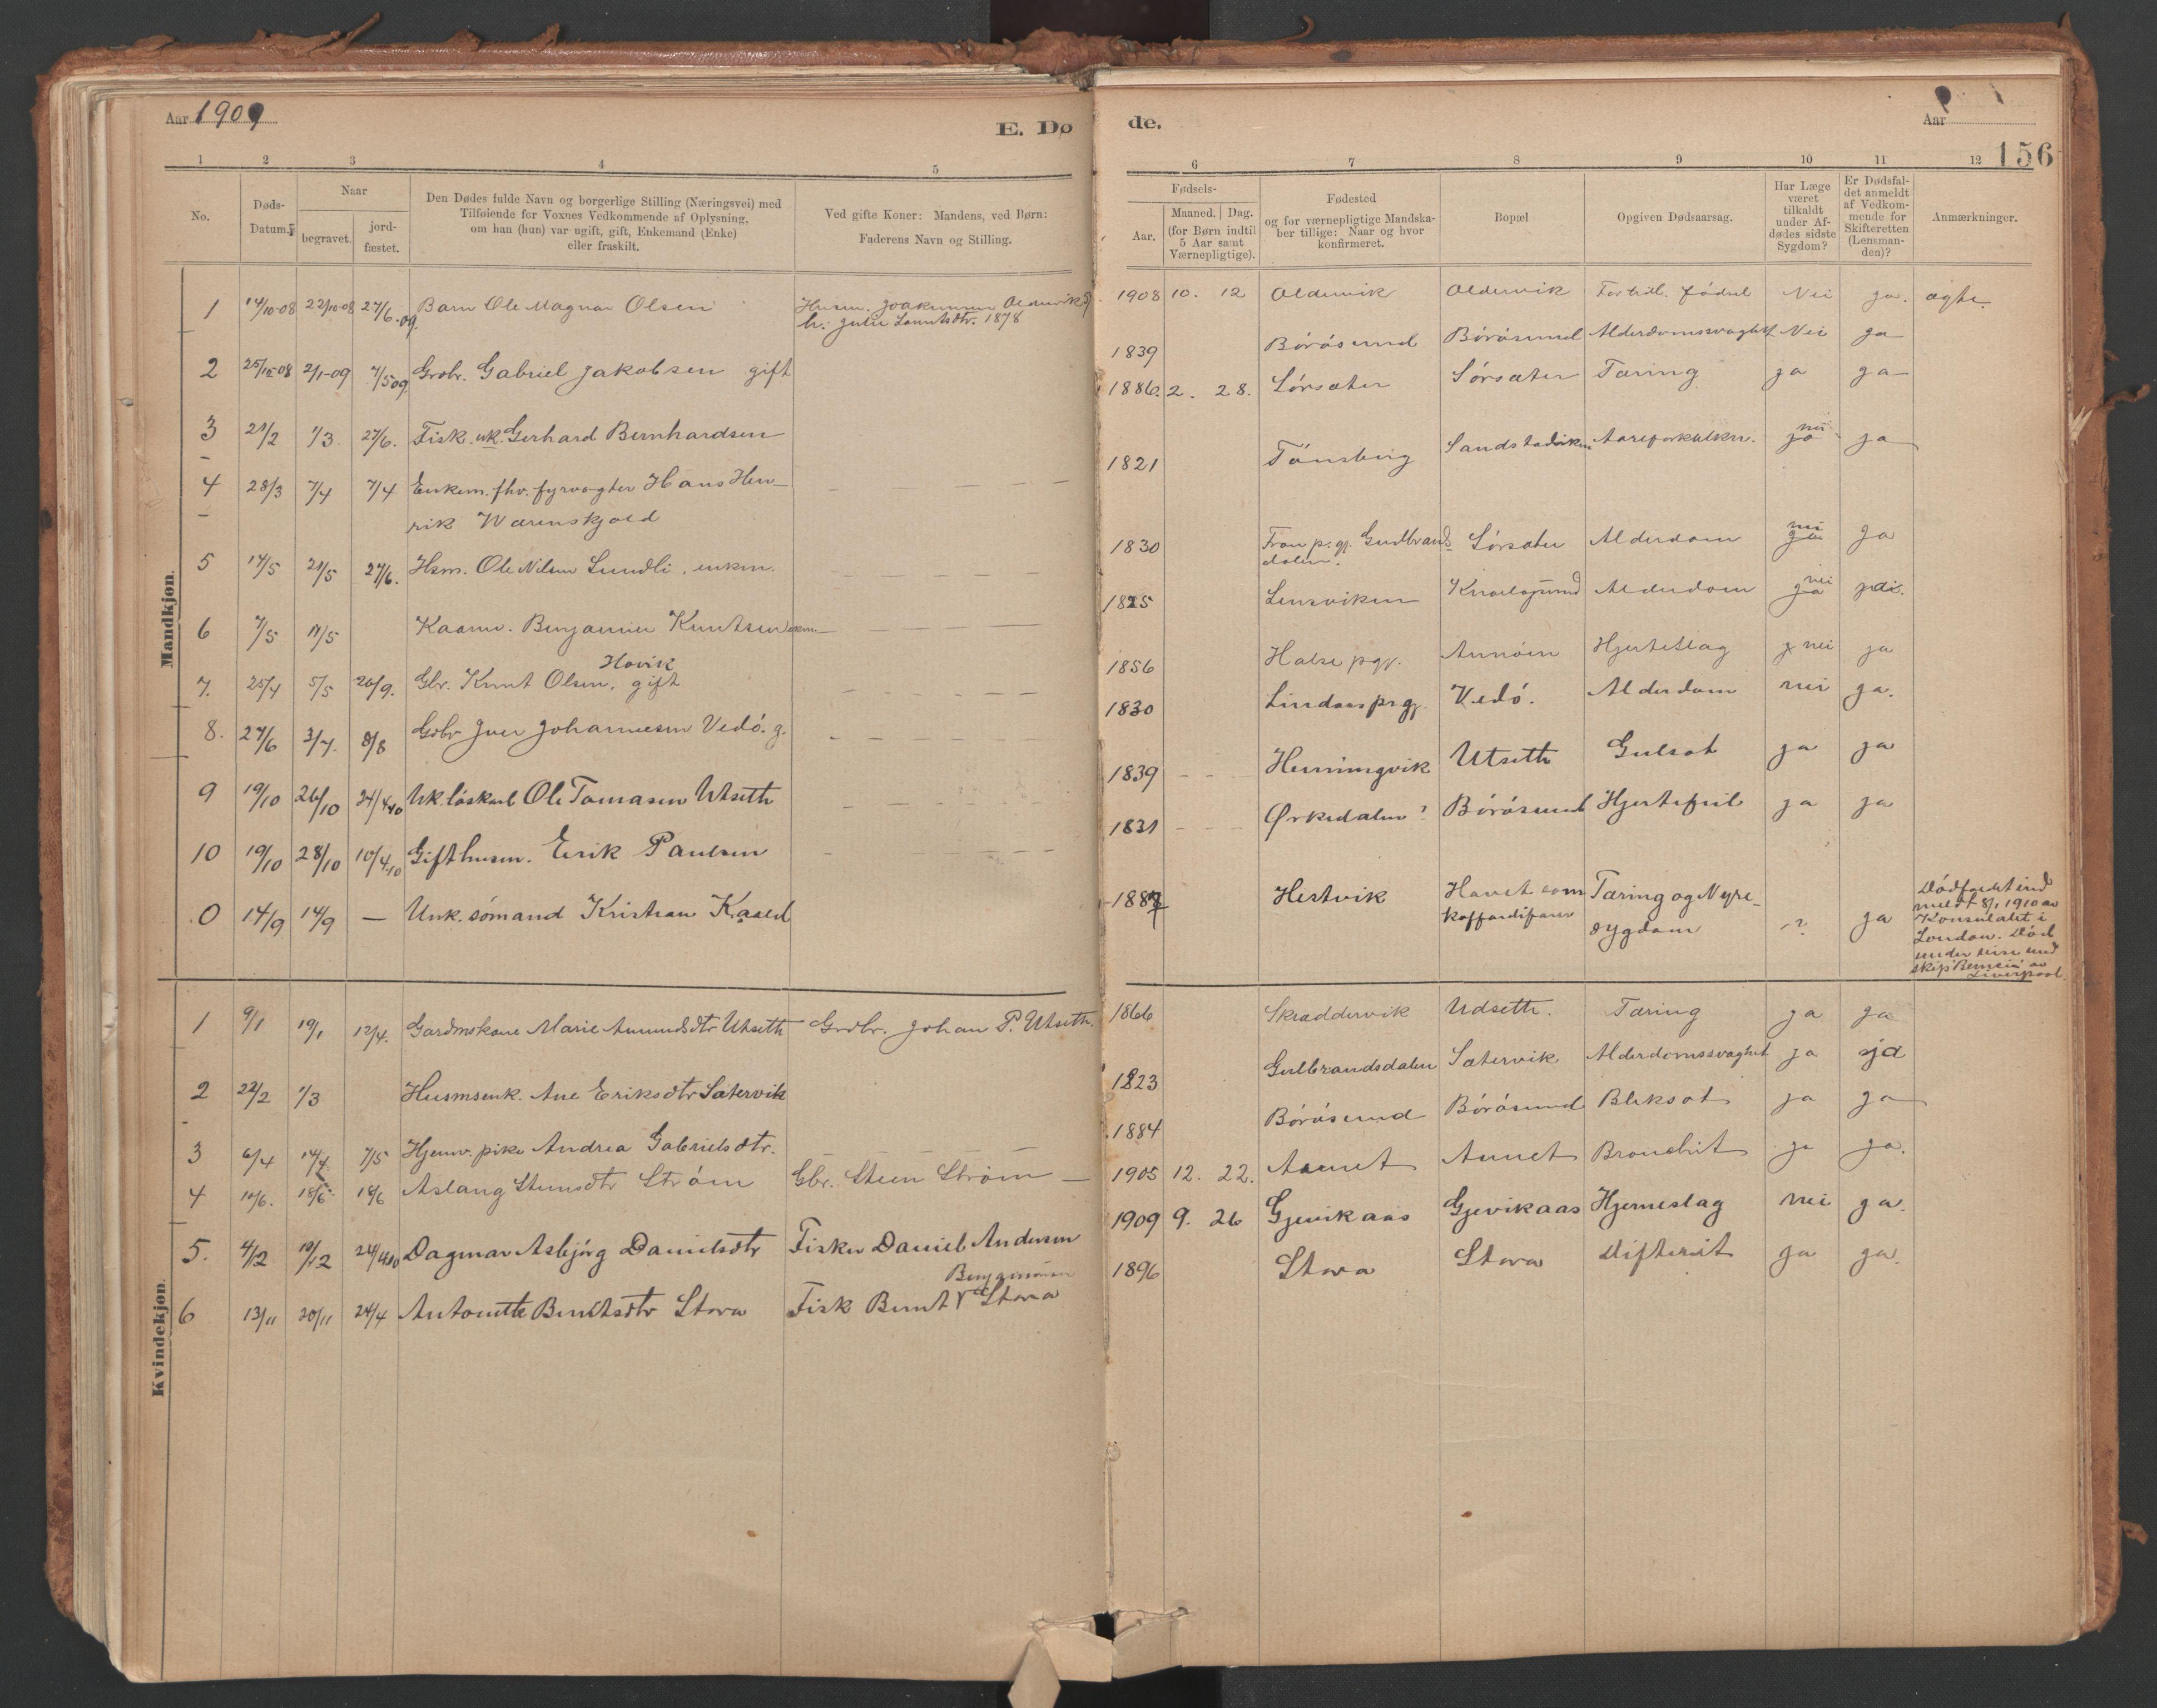 SAT, Ministerialprotokoller, klokkerbøker og fødselsregistre - Sør-Trøndelag, 639/L0572: Ministerialbok nr. 639A01, 1890-1920, s. 156